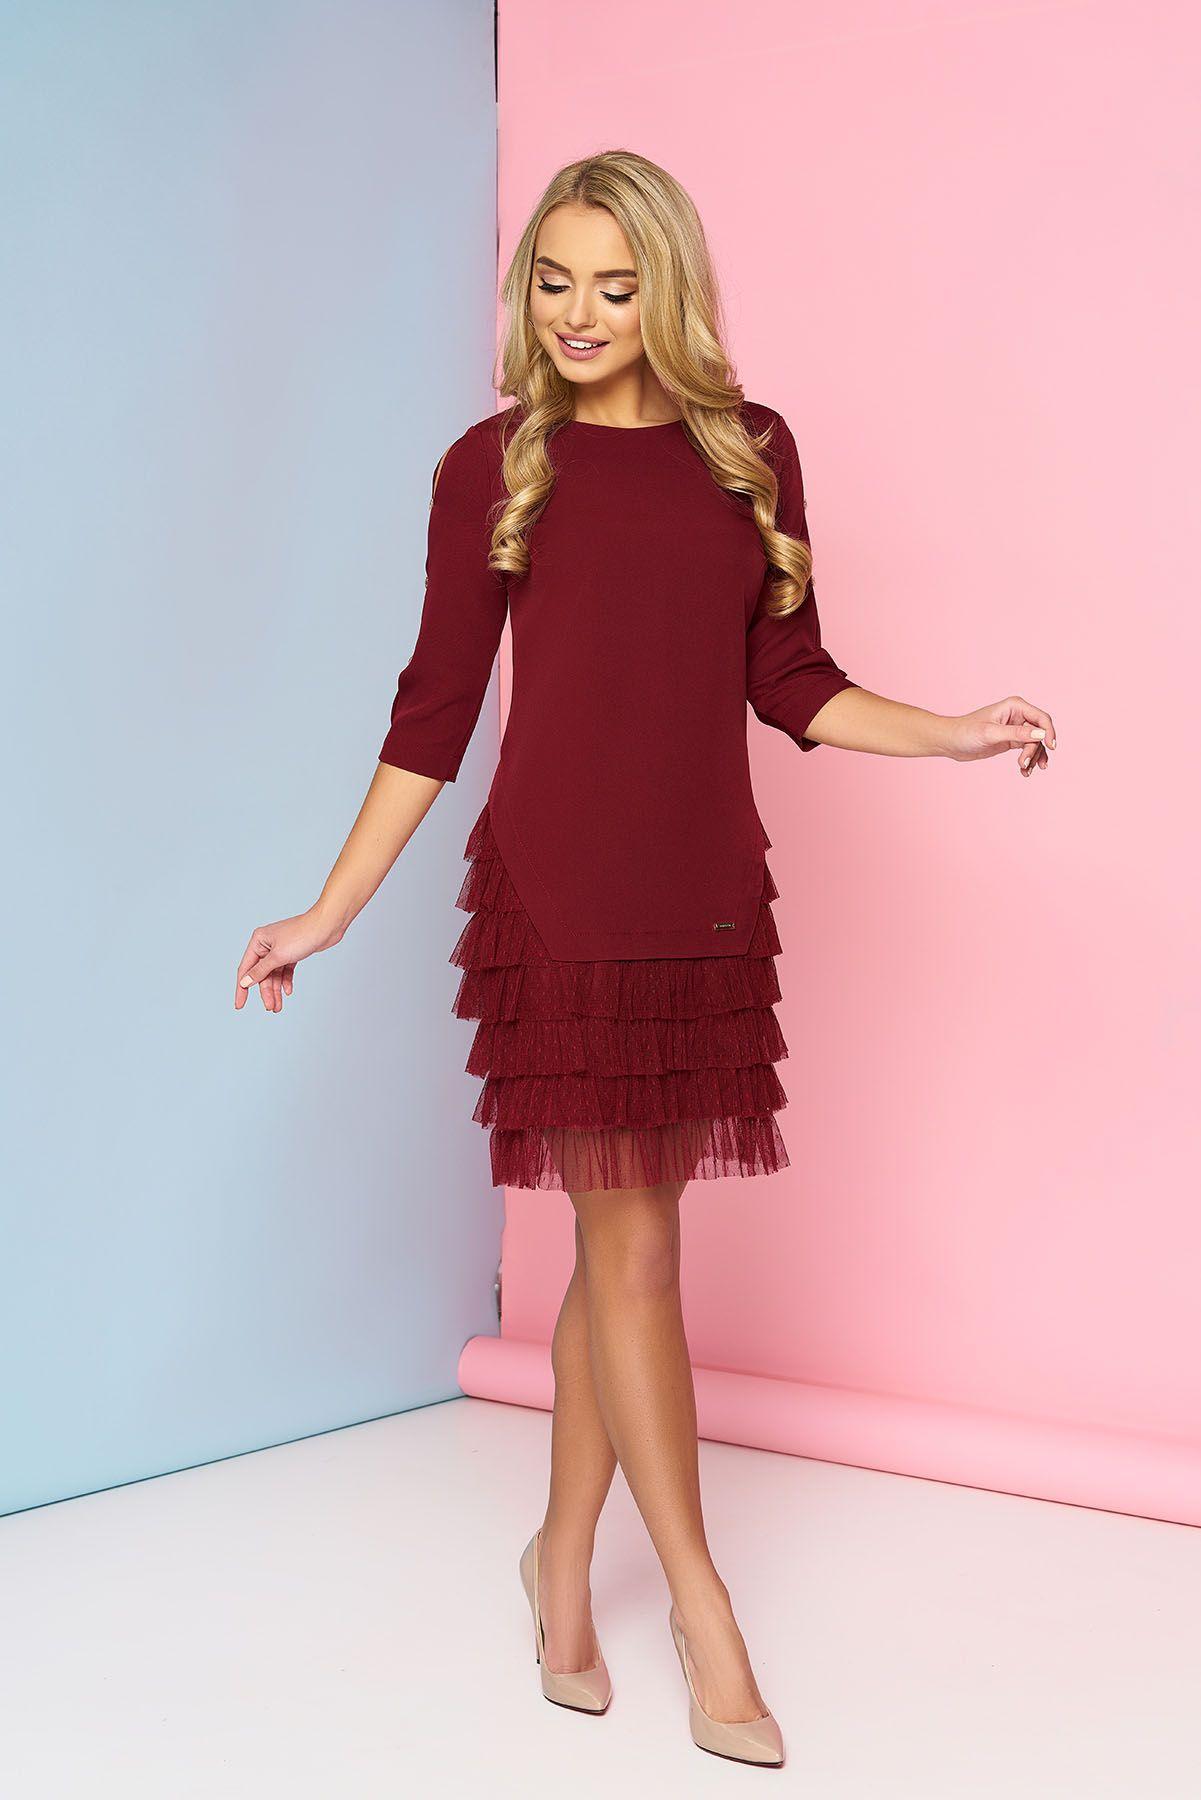 cb4be28ecbfd Восхитительная модель платья